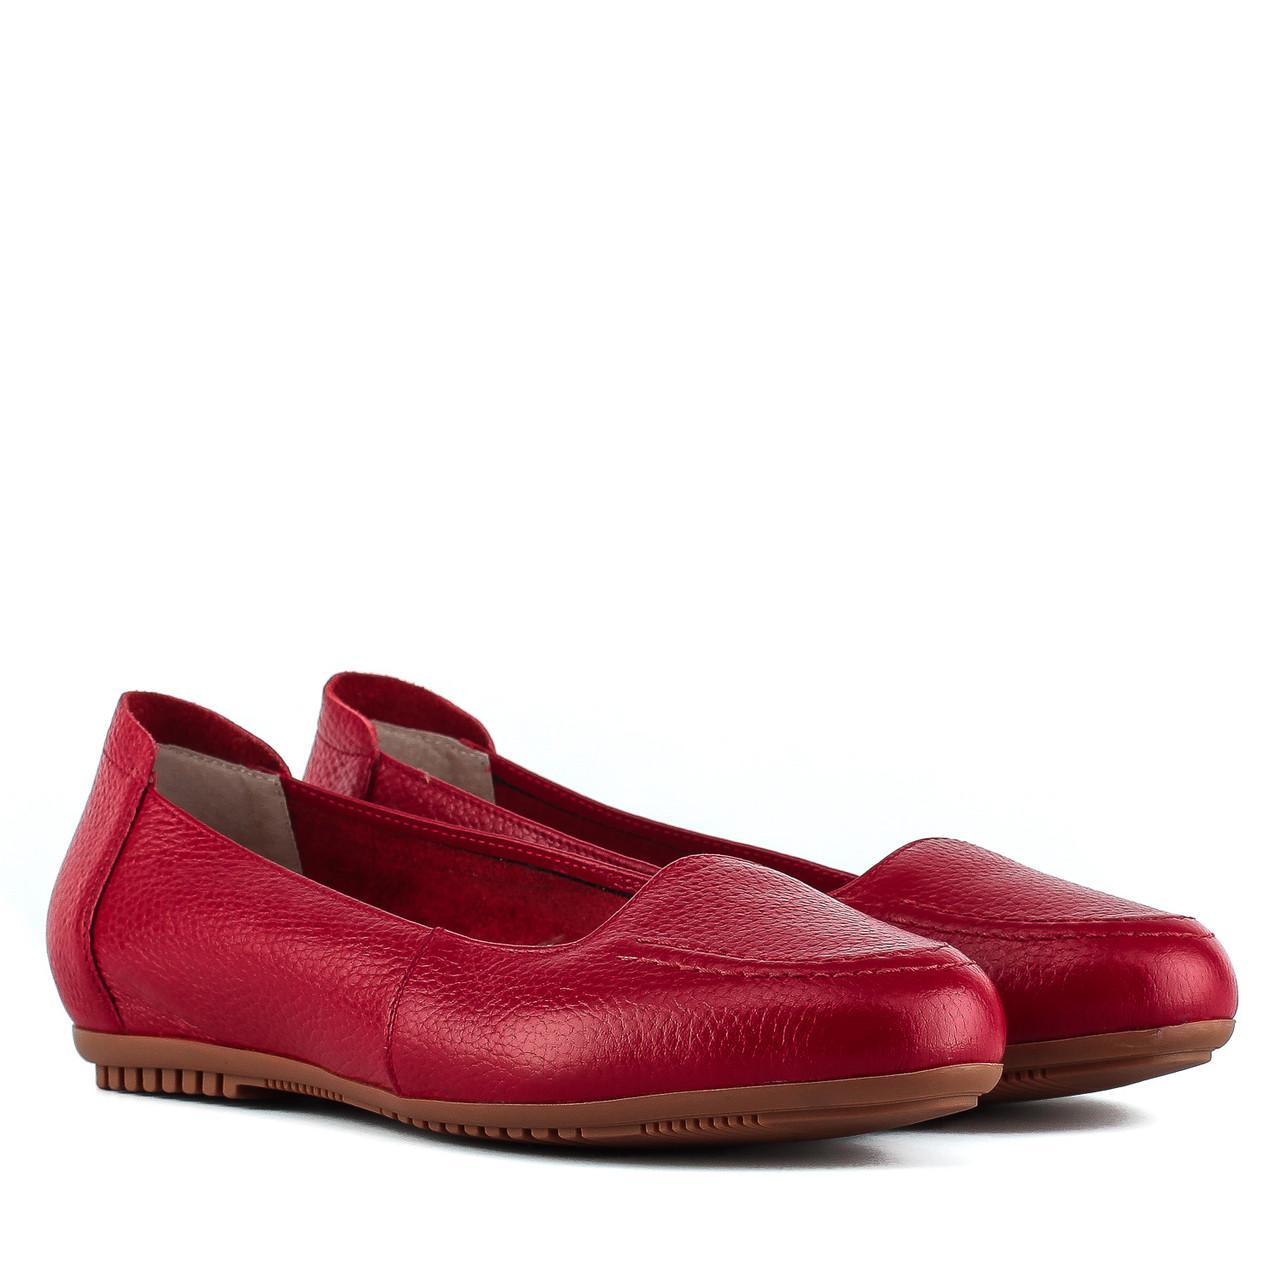 Балетки женские Attico (кожаные, удобные, красного цвета)